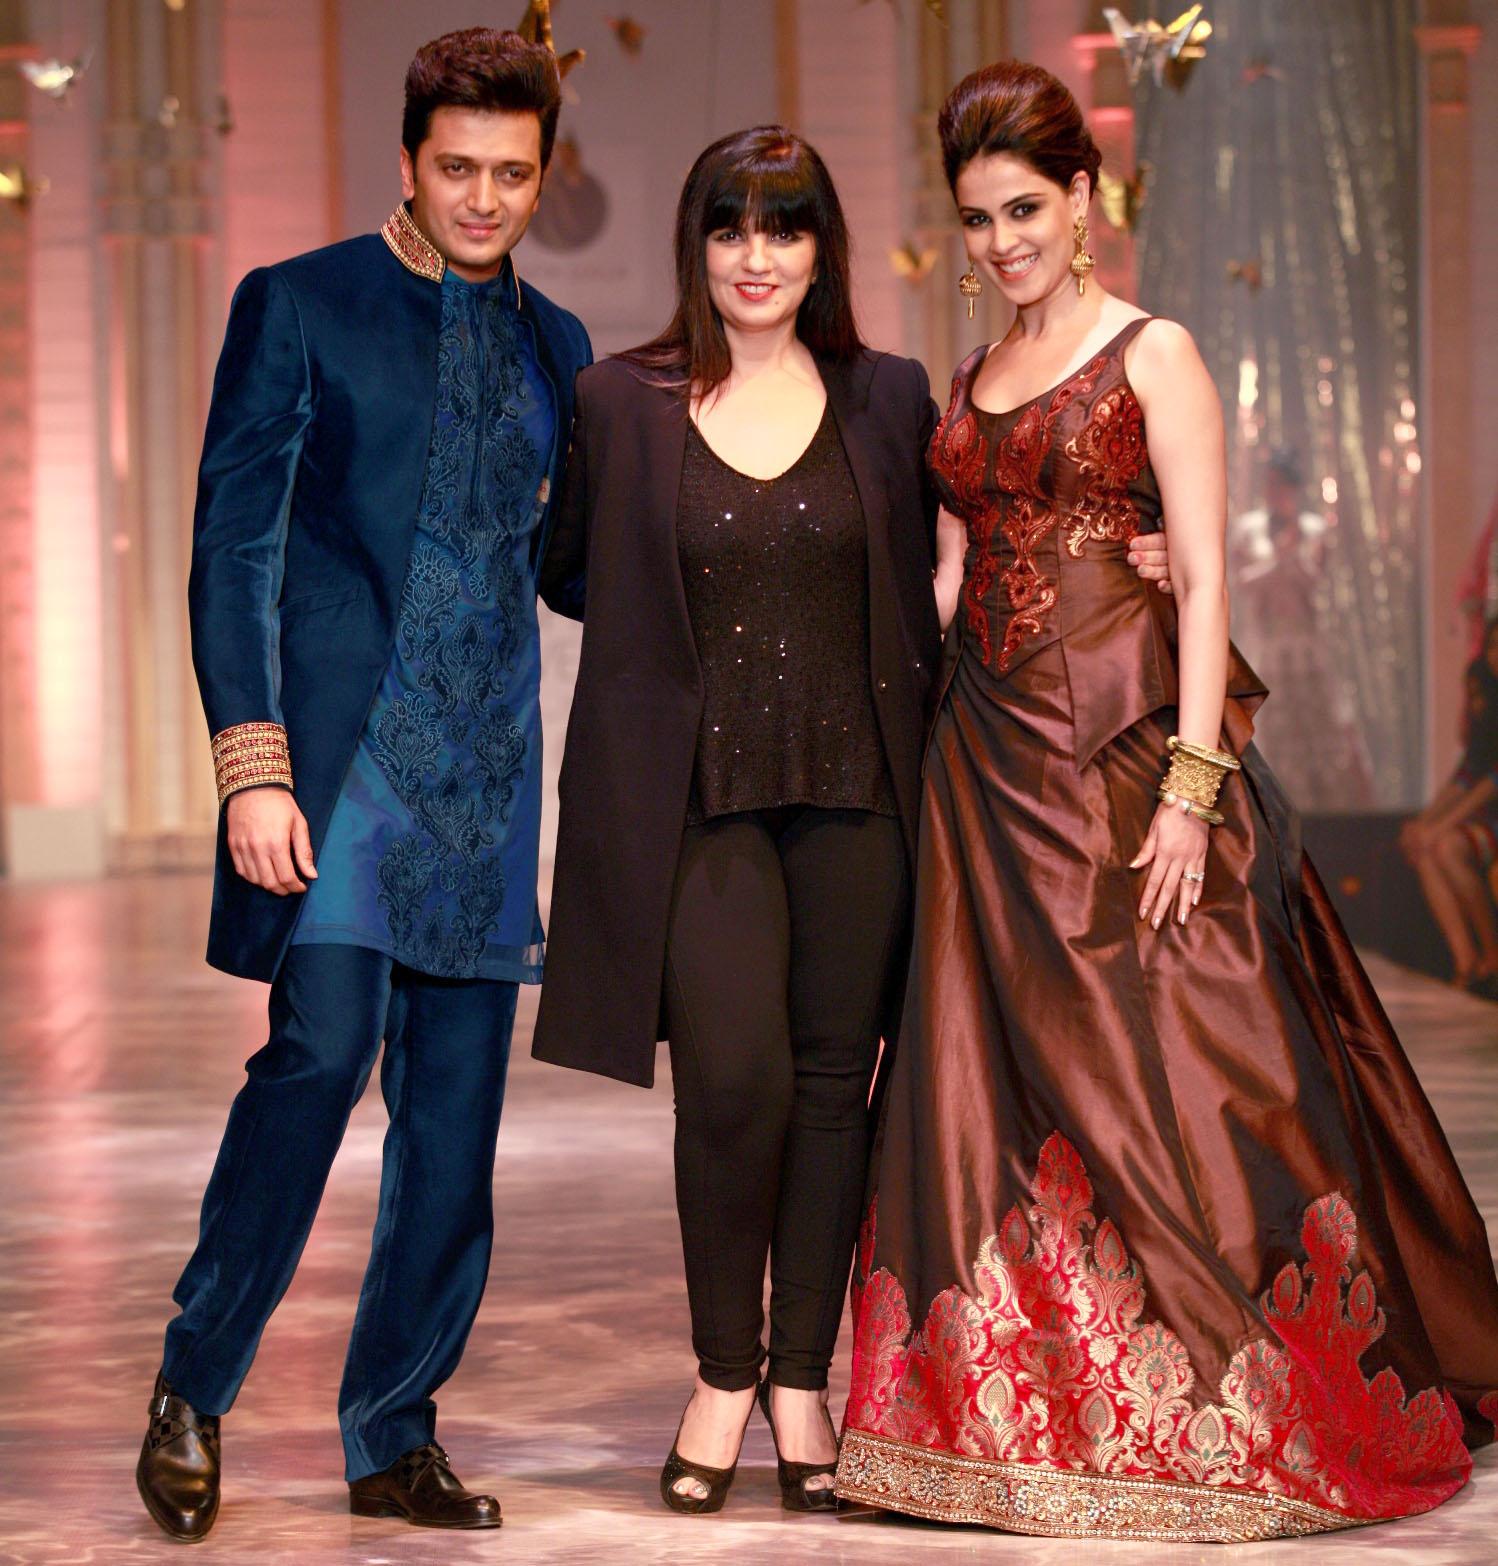 Fashion Elixirr: India's Top Fashion Designers